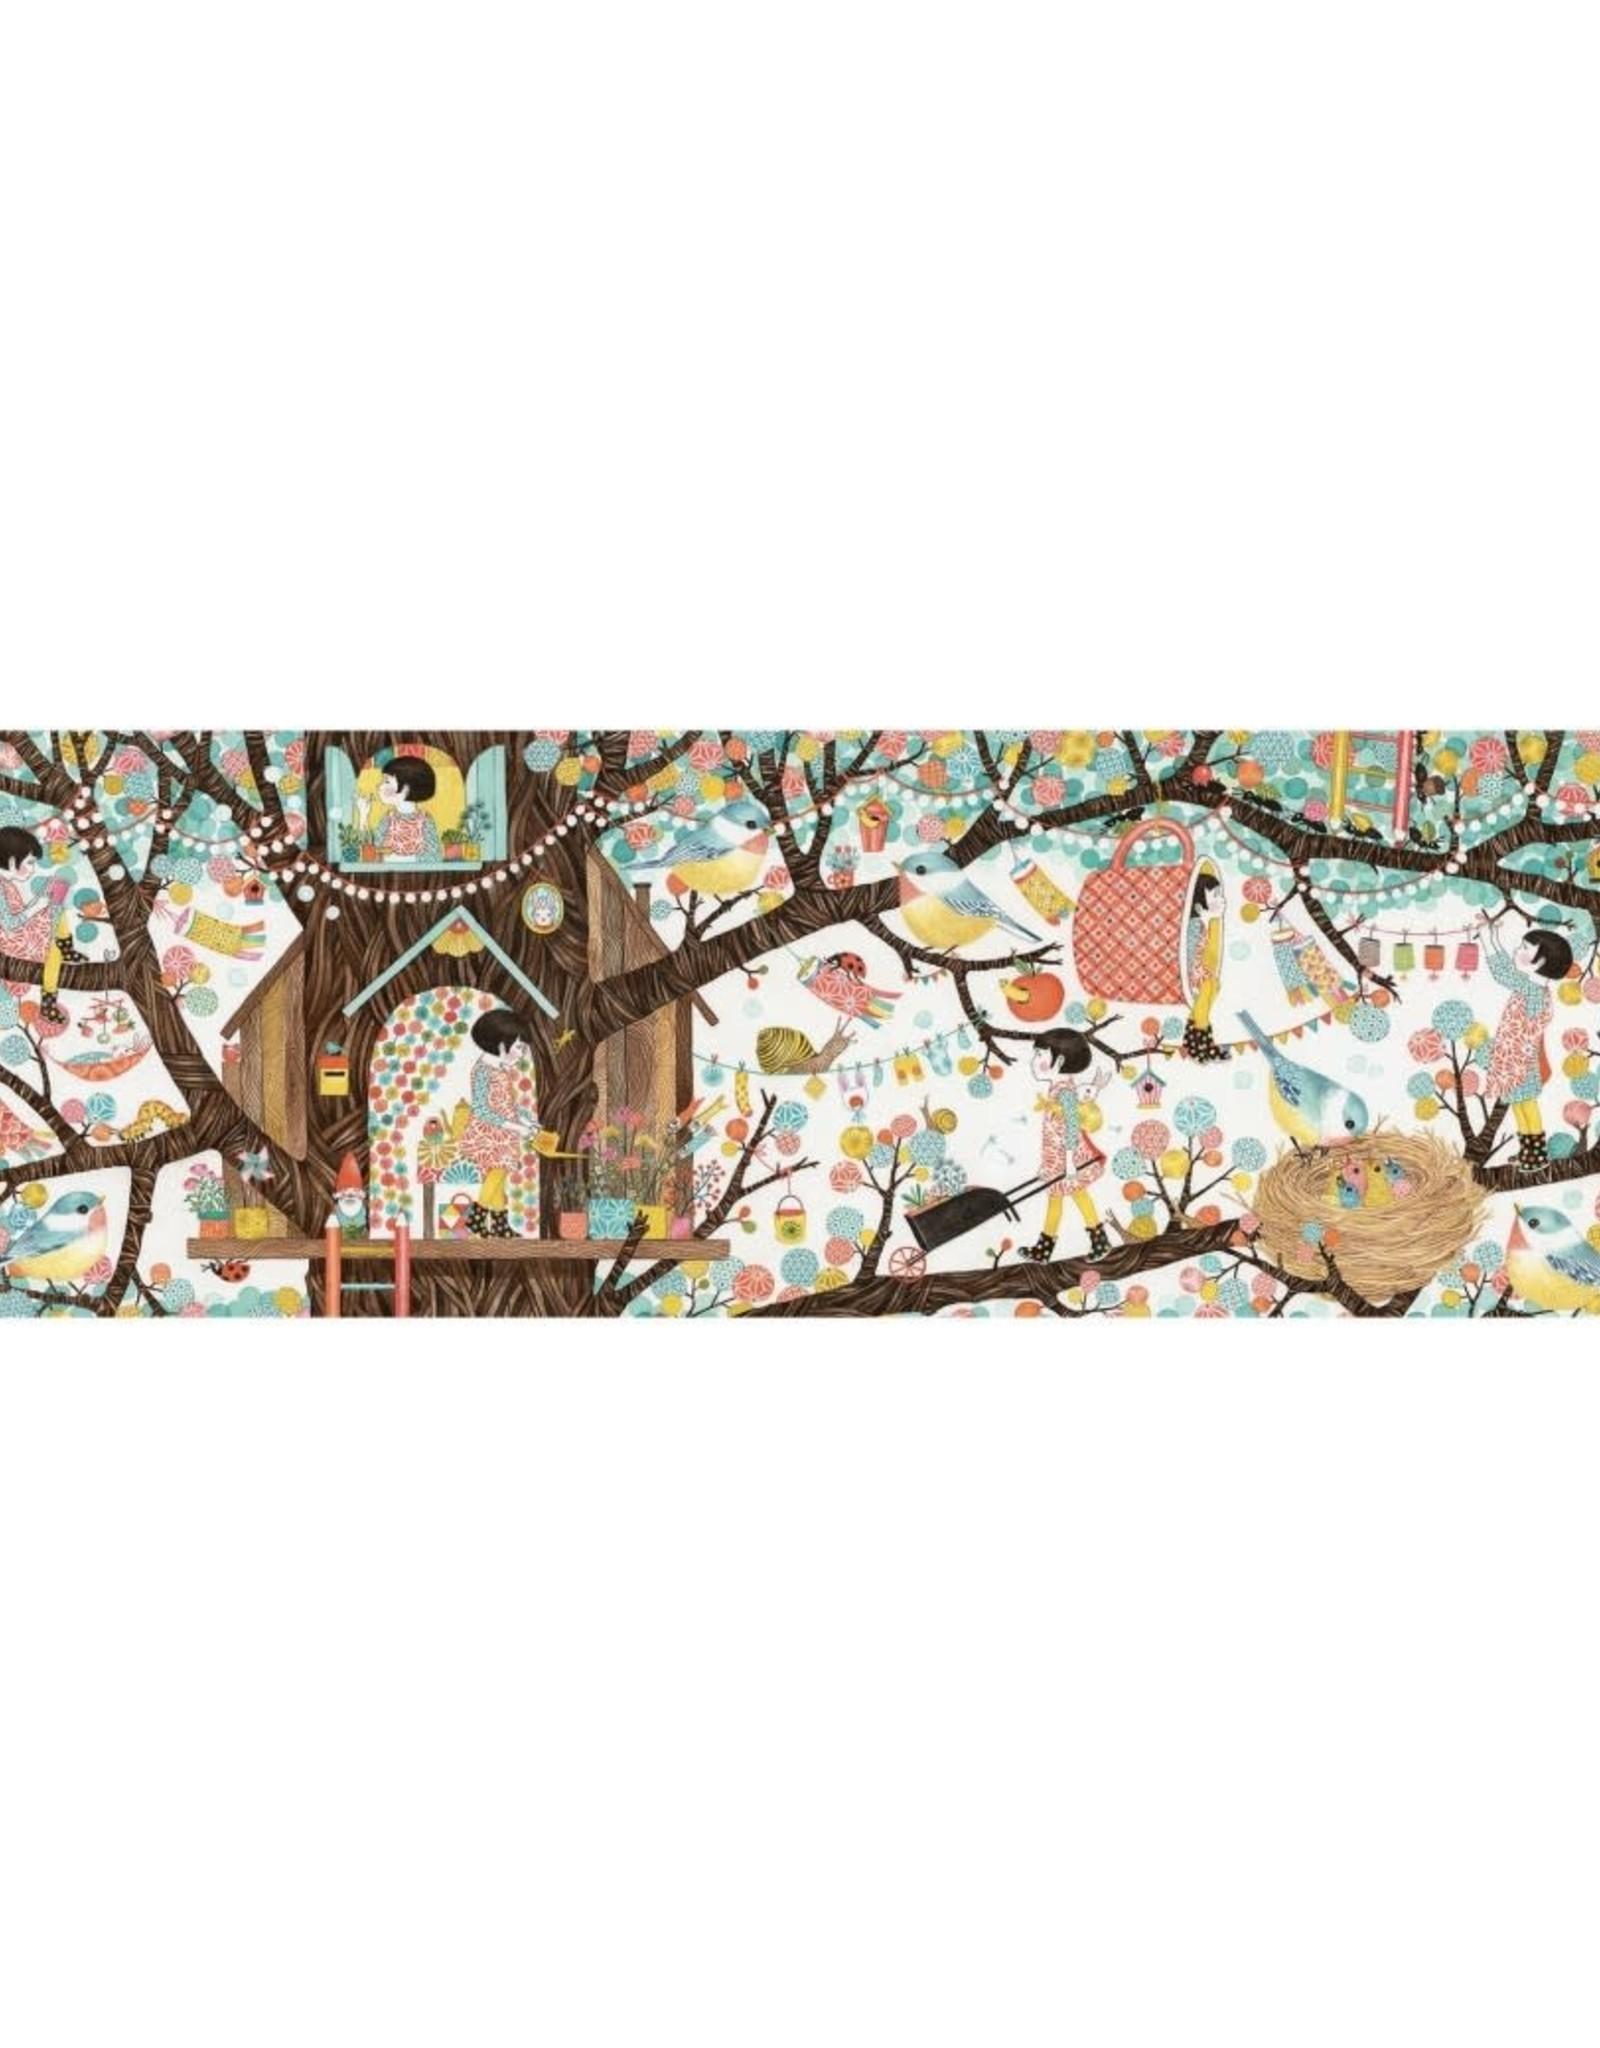 Djeco Puzzel Tree house 200st.